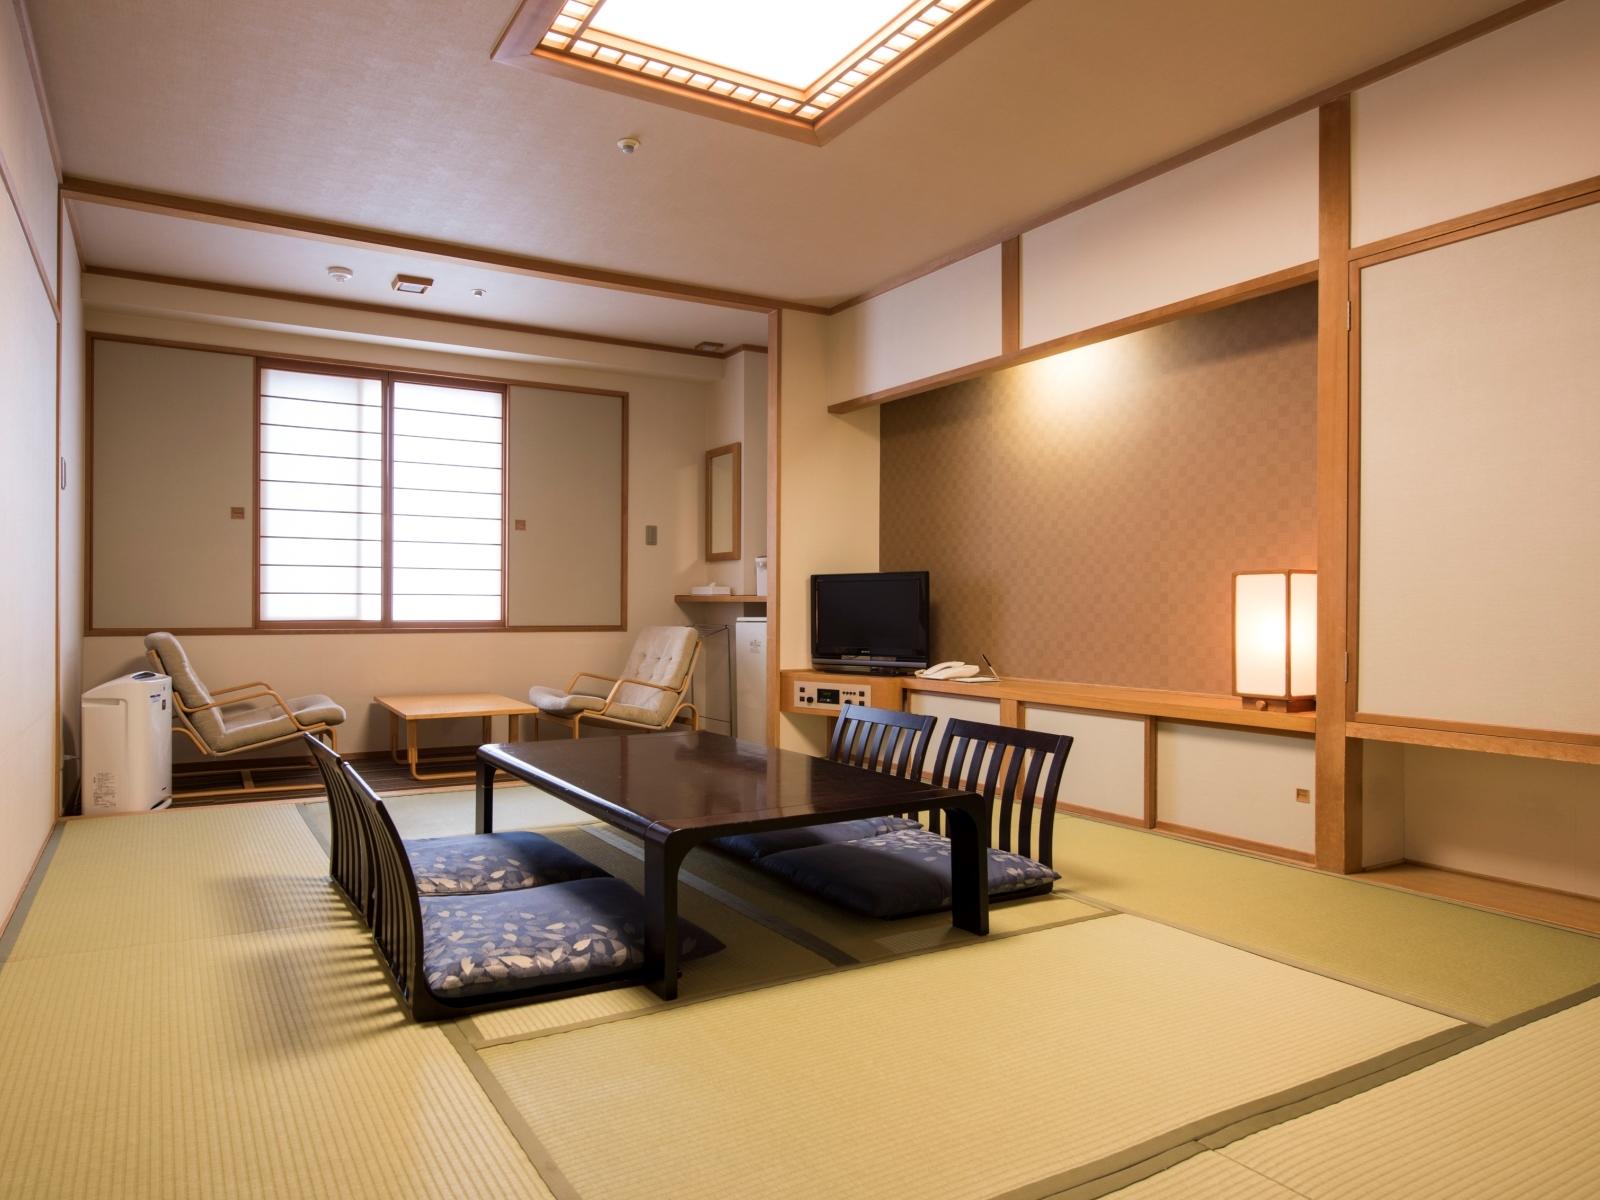 ルスツリゾートホテル&コンベンション / 和室2-4名◆禁煙/8-10帖【DP】